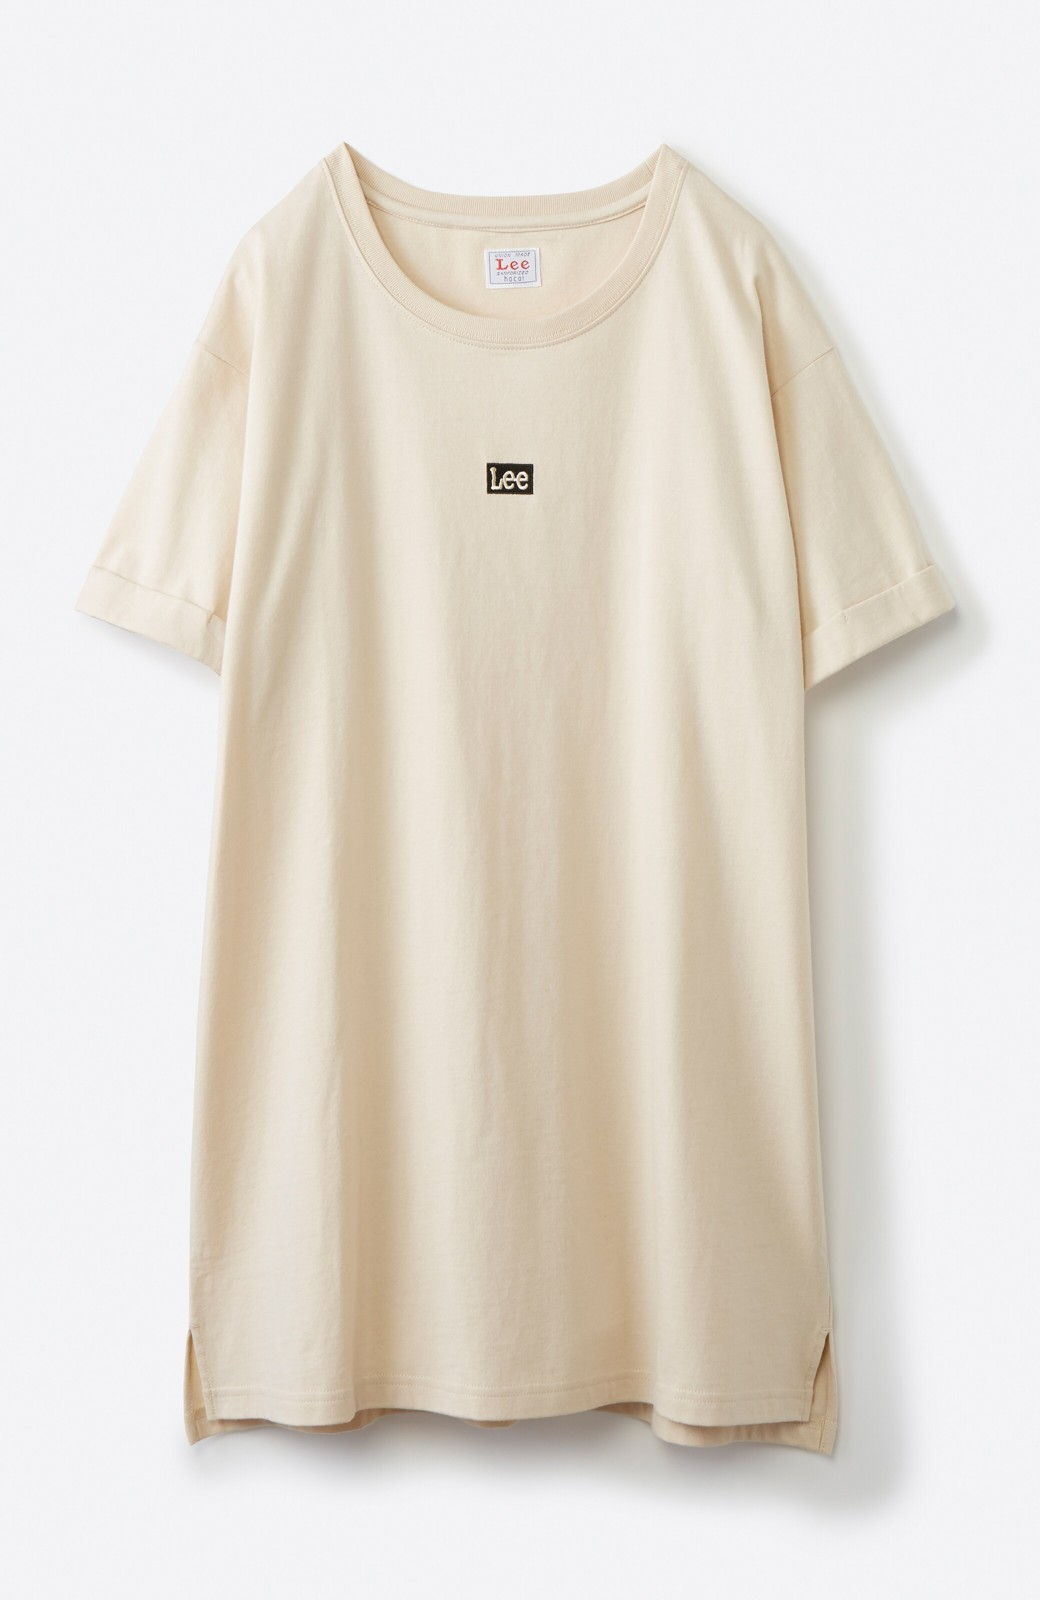 haco! 別注Lee ベルトでウエストマークしてもかわいいチュニックTシャツ <ベージュ>の商品写真15